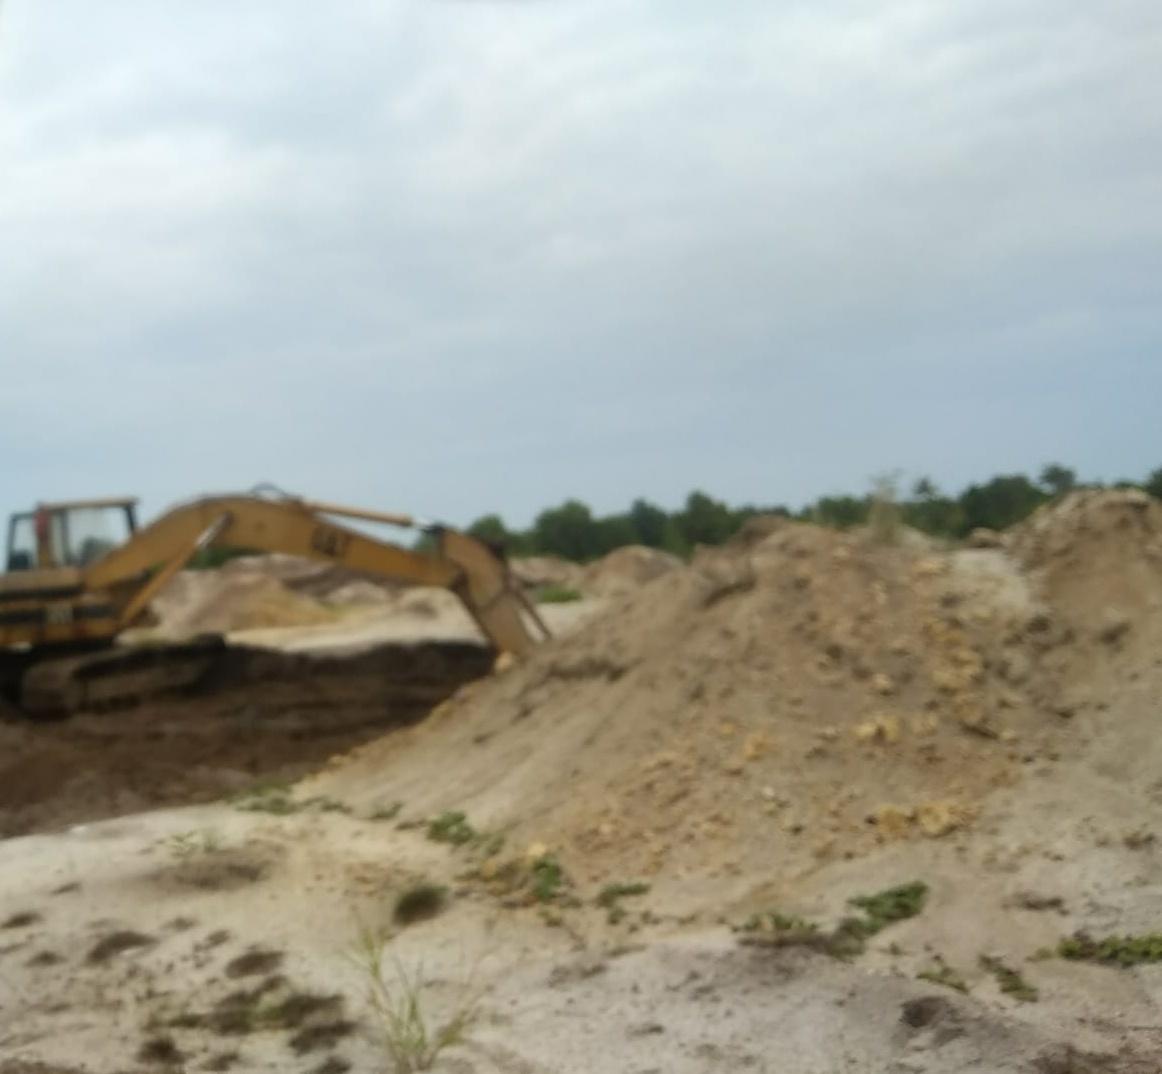 LSM Gempita Minta Tambang Pasir Yang Tidak Memiliki Izin di Bintan Ditutup